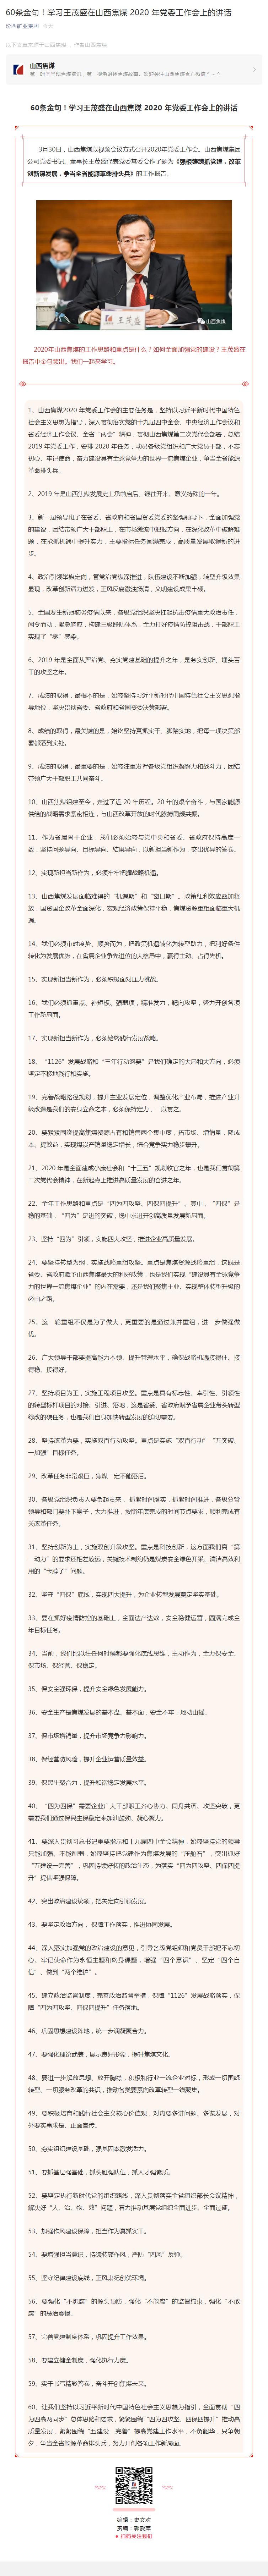 60条金句!学习王茂盛在山西焦煤 2020 年党委工作会上的讲话.png